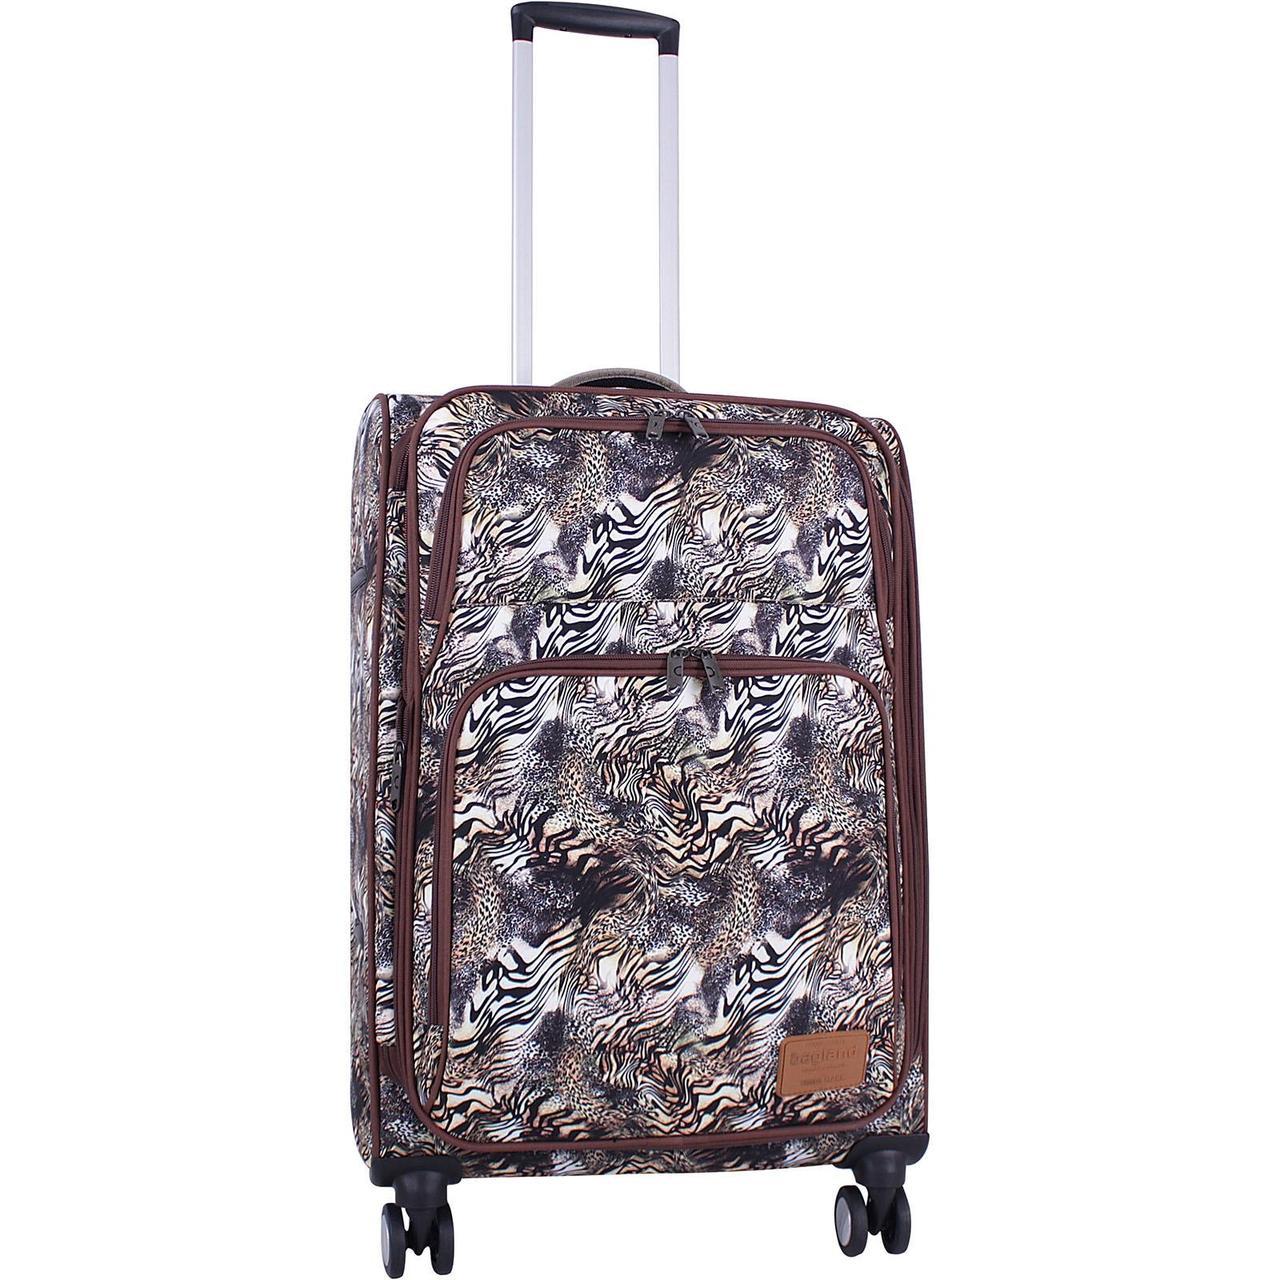 Чемодан дорожный средний, тканевый чемодан на колесах  Bagland Валенсия  63 л, сублимация   (0037966244)